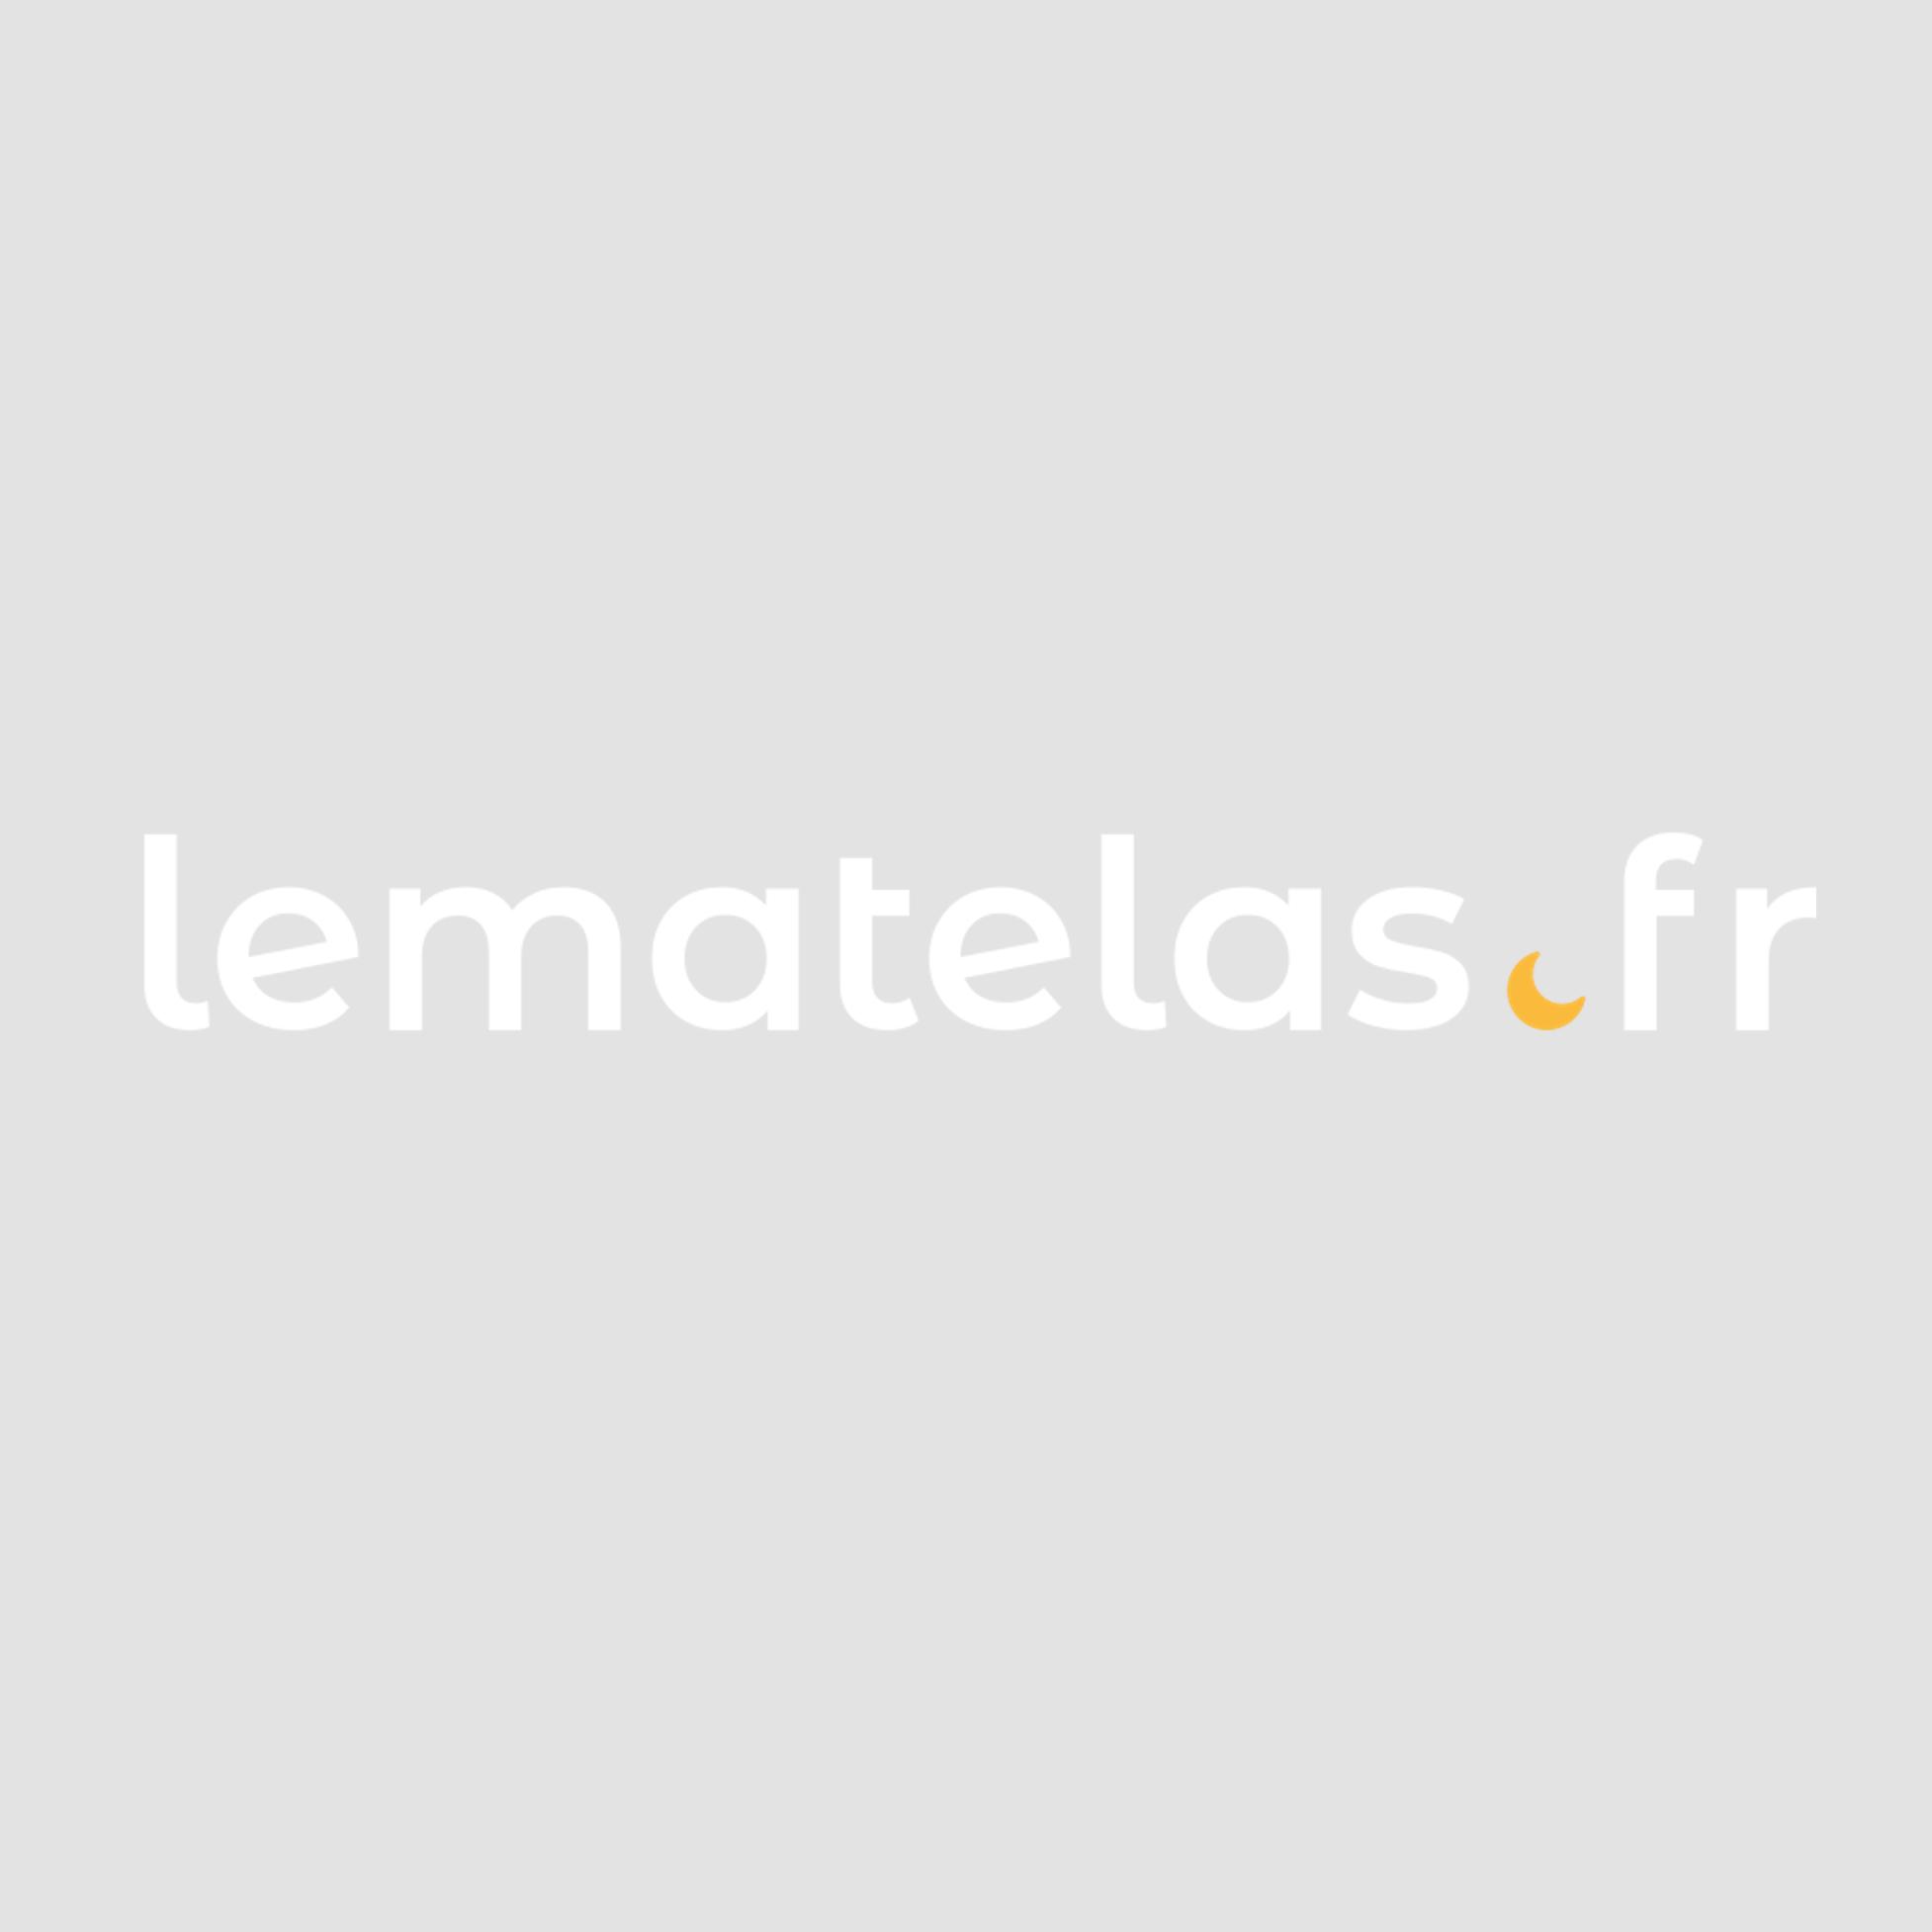 Ensemble lit futon style japonais coloris naturel + lot de 2 chevet naturel